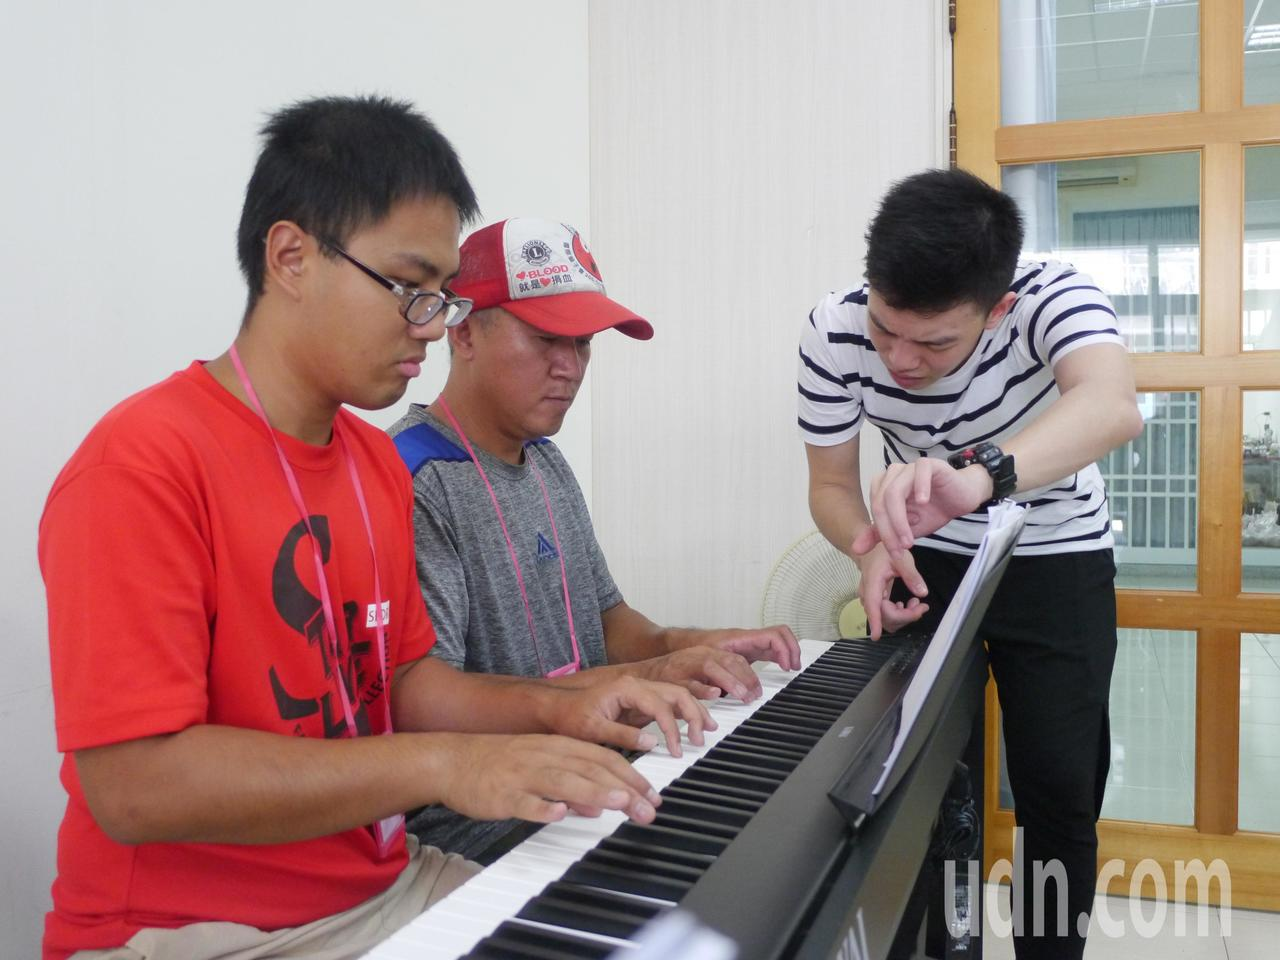 兩位對音樂有興趣的專業農夫一起報名鋼琴班。記者徐白櫻/攝影